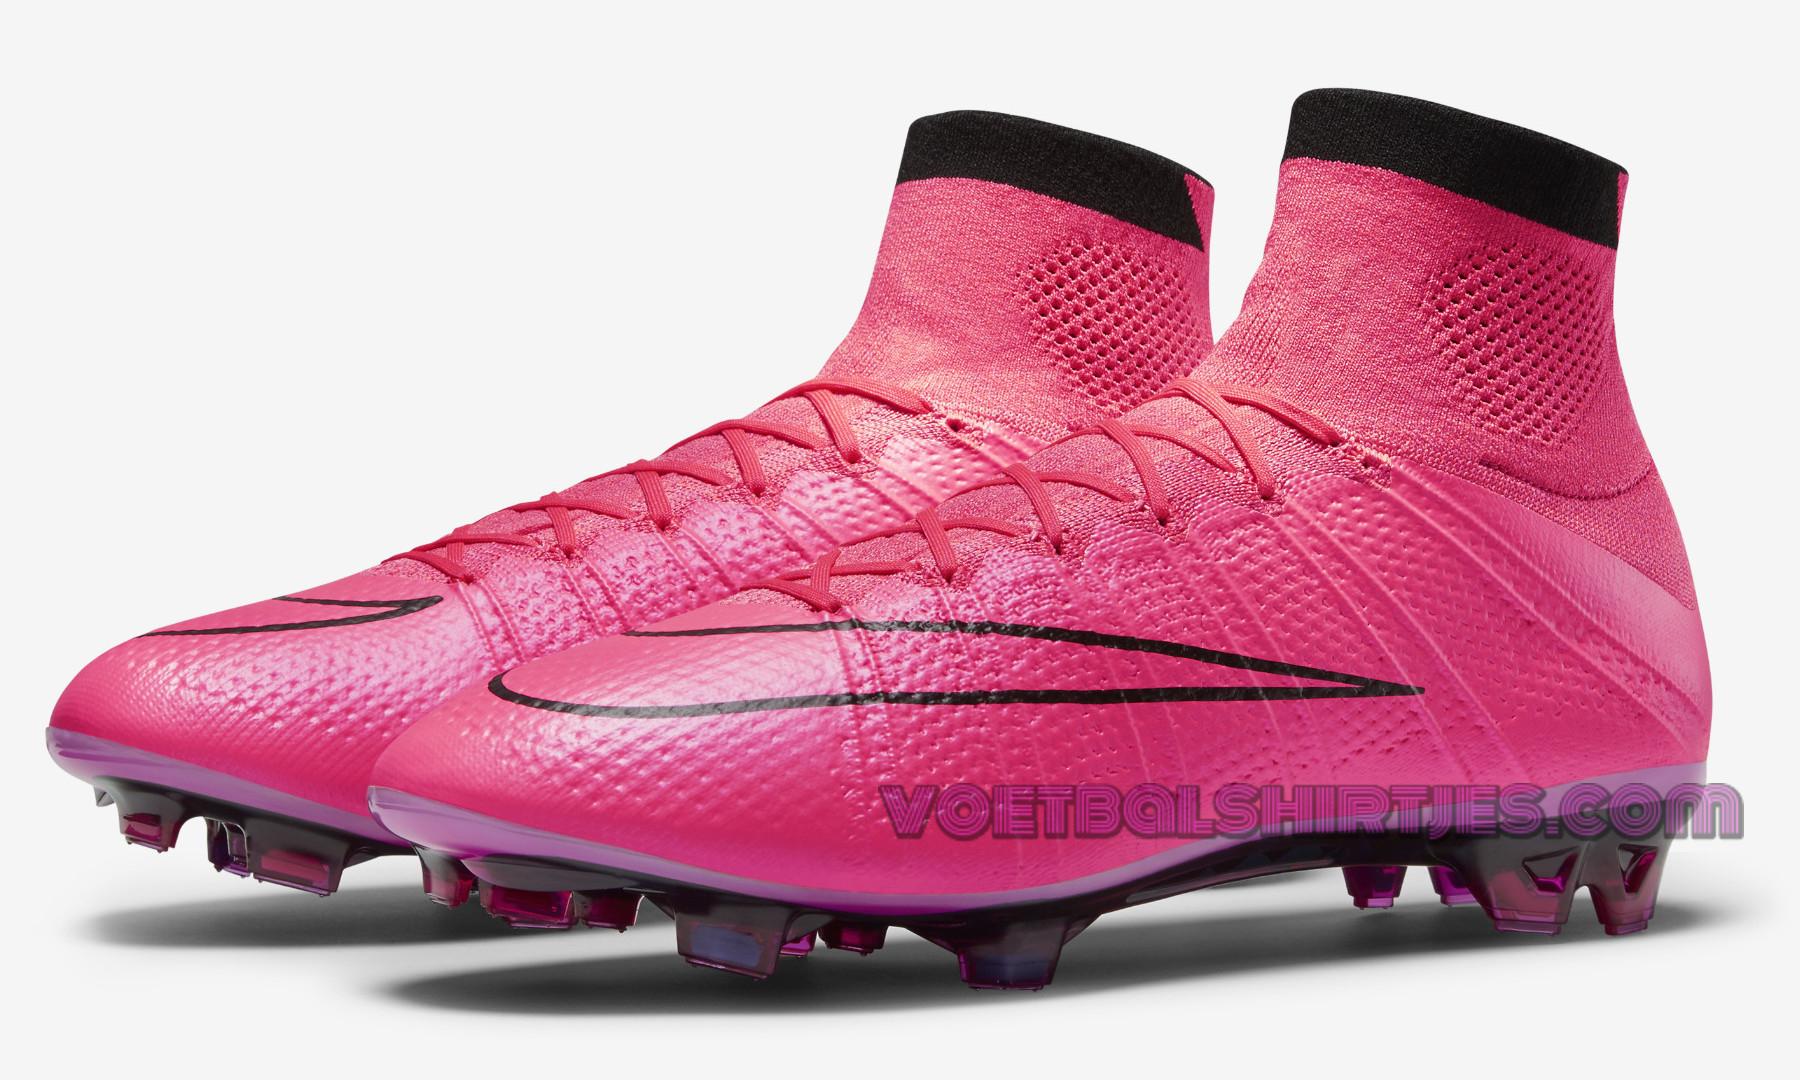 nike voetbalschoenen roze